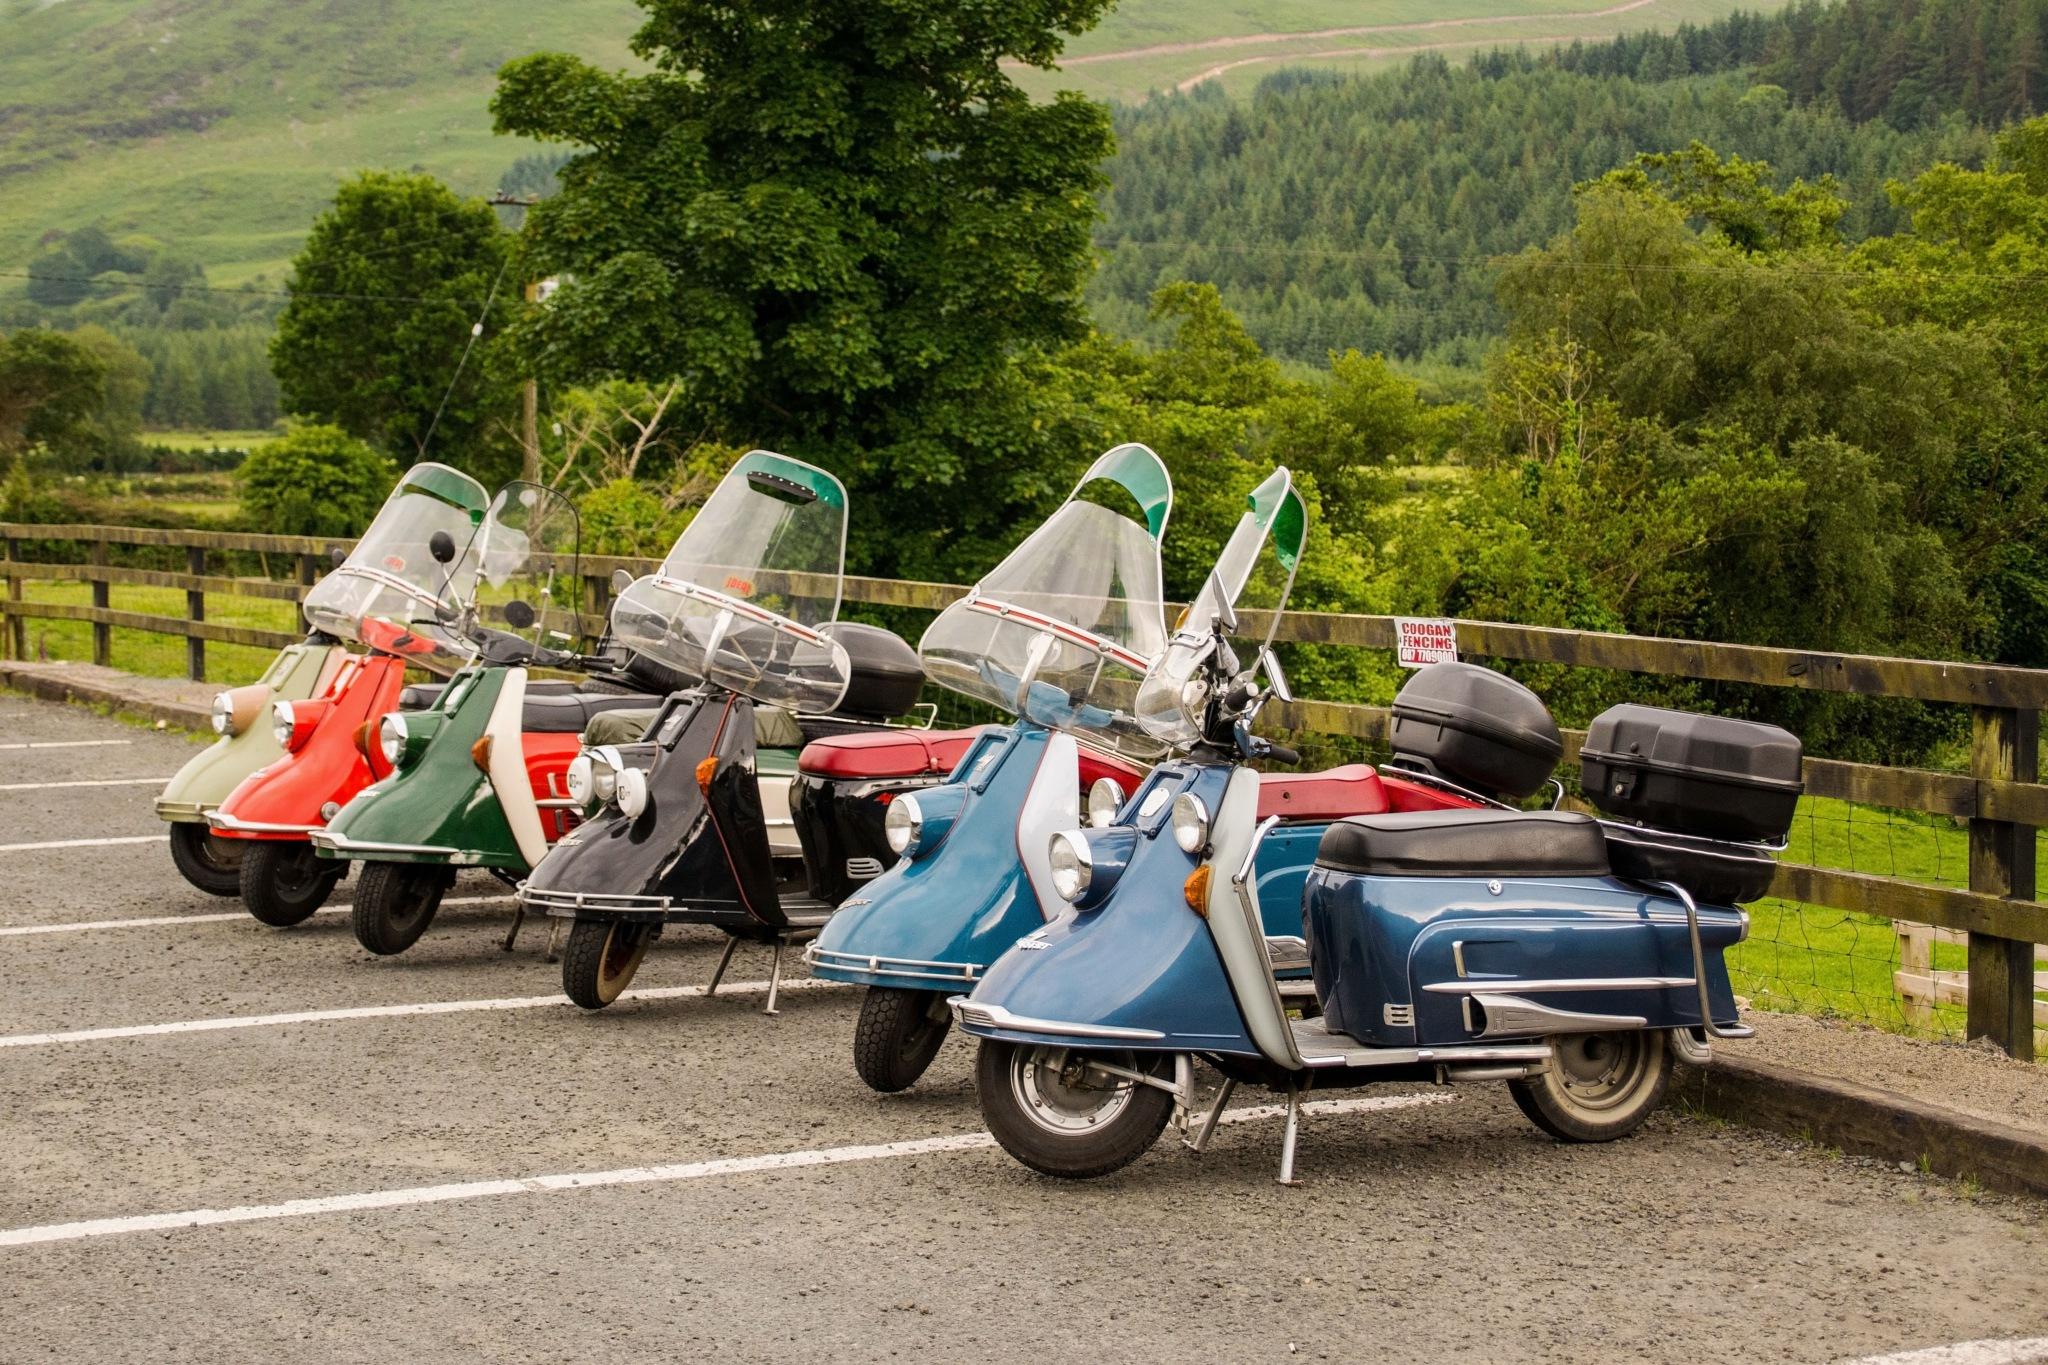 Heinkel tourists. by jonjodun